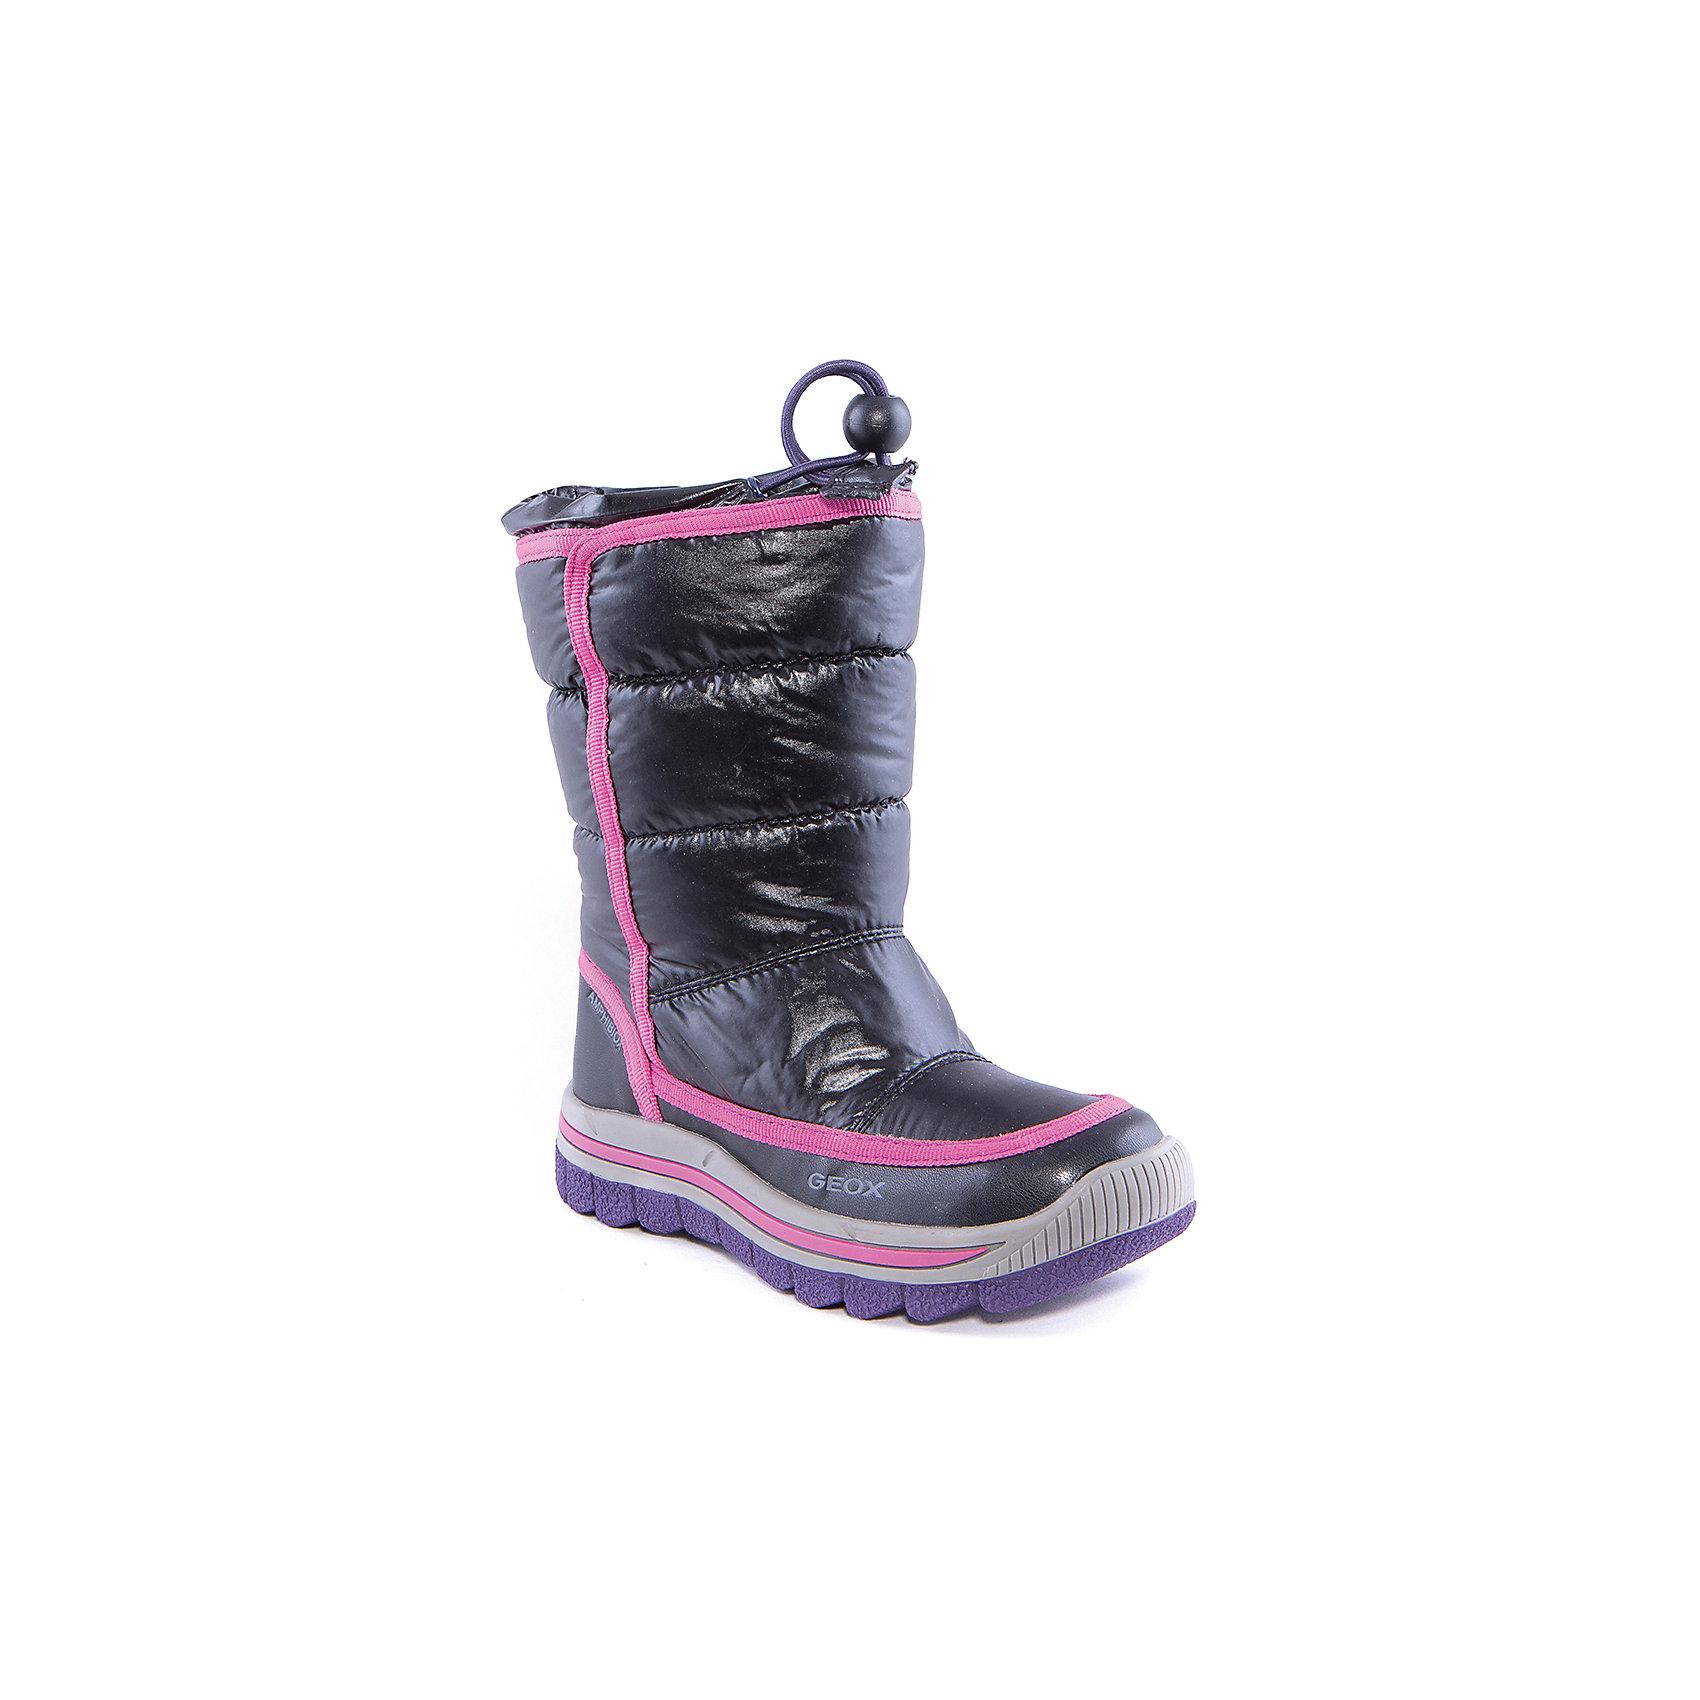 Сапоги для девочки GEOXСапоги для девочки от популярной марки GEOX.<br><br>Стильные дутые сапоги сделаны по уникальной технологии. <br>Производитель обуви GEOX разработал специальную дышащую подошву, которая не пропускает влагу внутрь, а также высокотехнологичную стельку. При производстве этих полусапожек была задействована технология Amphibiox, делающая обувь непромокаемой. <br><br>Отличительные особенности модели:<br><br>- цвет: черный;<br>- украшены окантовкой цвета фуксия;<br>- гибкая водоотталкивающая подошва с дышащей мембраной;<br>- утепленная стелька;<br>- мягкий и легкий верх;<br>- защита пятки и пальцев;<br>- эргономичная форма;<br>- удобная утяжка со стоппером на голенище;<br>- комфортное облегание;<br>- ударопрочная антибактериальная стелька;<br>- защита от промокания - технология Amphibiox;<br>- верх обуви и подкладка сделаны без использования хрома.<br><br>Дополнительная информация:<br><br>- Температурный режим: от - 20° С  до -5° С.<br><br>- Состав:<br><br>материал верха: синтетический материал<br>материал подкладки: текстиль (флис), искусственный мех<br>подошва: резина<br>Сапоги для девочки GEOX (Геокс) можно купить в нашем магазине.<br><br>Ширина мм: 257<br>Глубина мм: 180<br>Высота мм: 130<br>Вес г: 420<br>Цвет: черный<br>Возраст от месяцев: 60<br>Возраст до месяцев: 72<br>Пол: Женский<br>Возраст: Детский<br>Размер: 29,28,30,31,32,33,35,37,38,39,36,34<br>SKU: 4178480